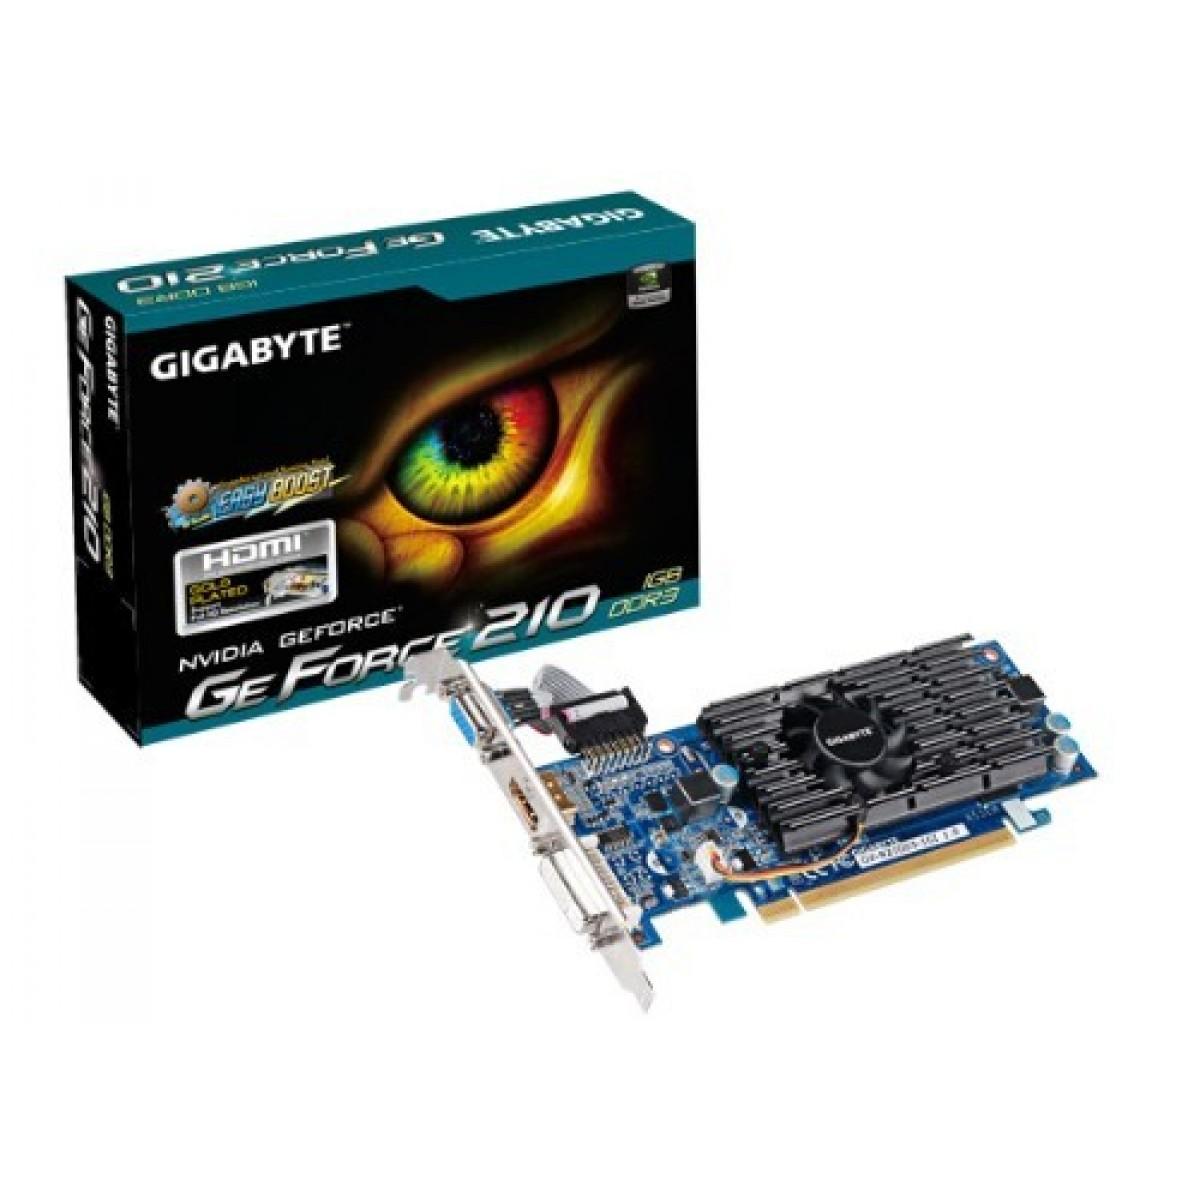 Placa de Vídeo Gigabyte GeForce 210, 1GB, DDR3, 64bit, GV-N210D3-1GI